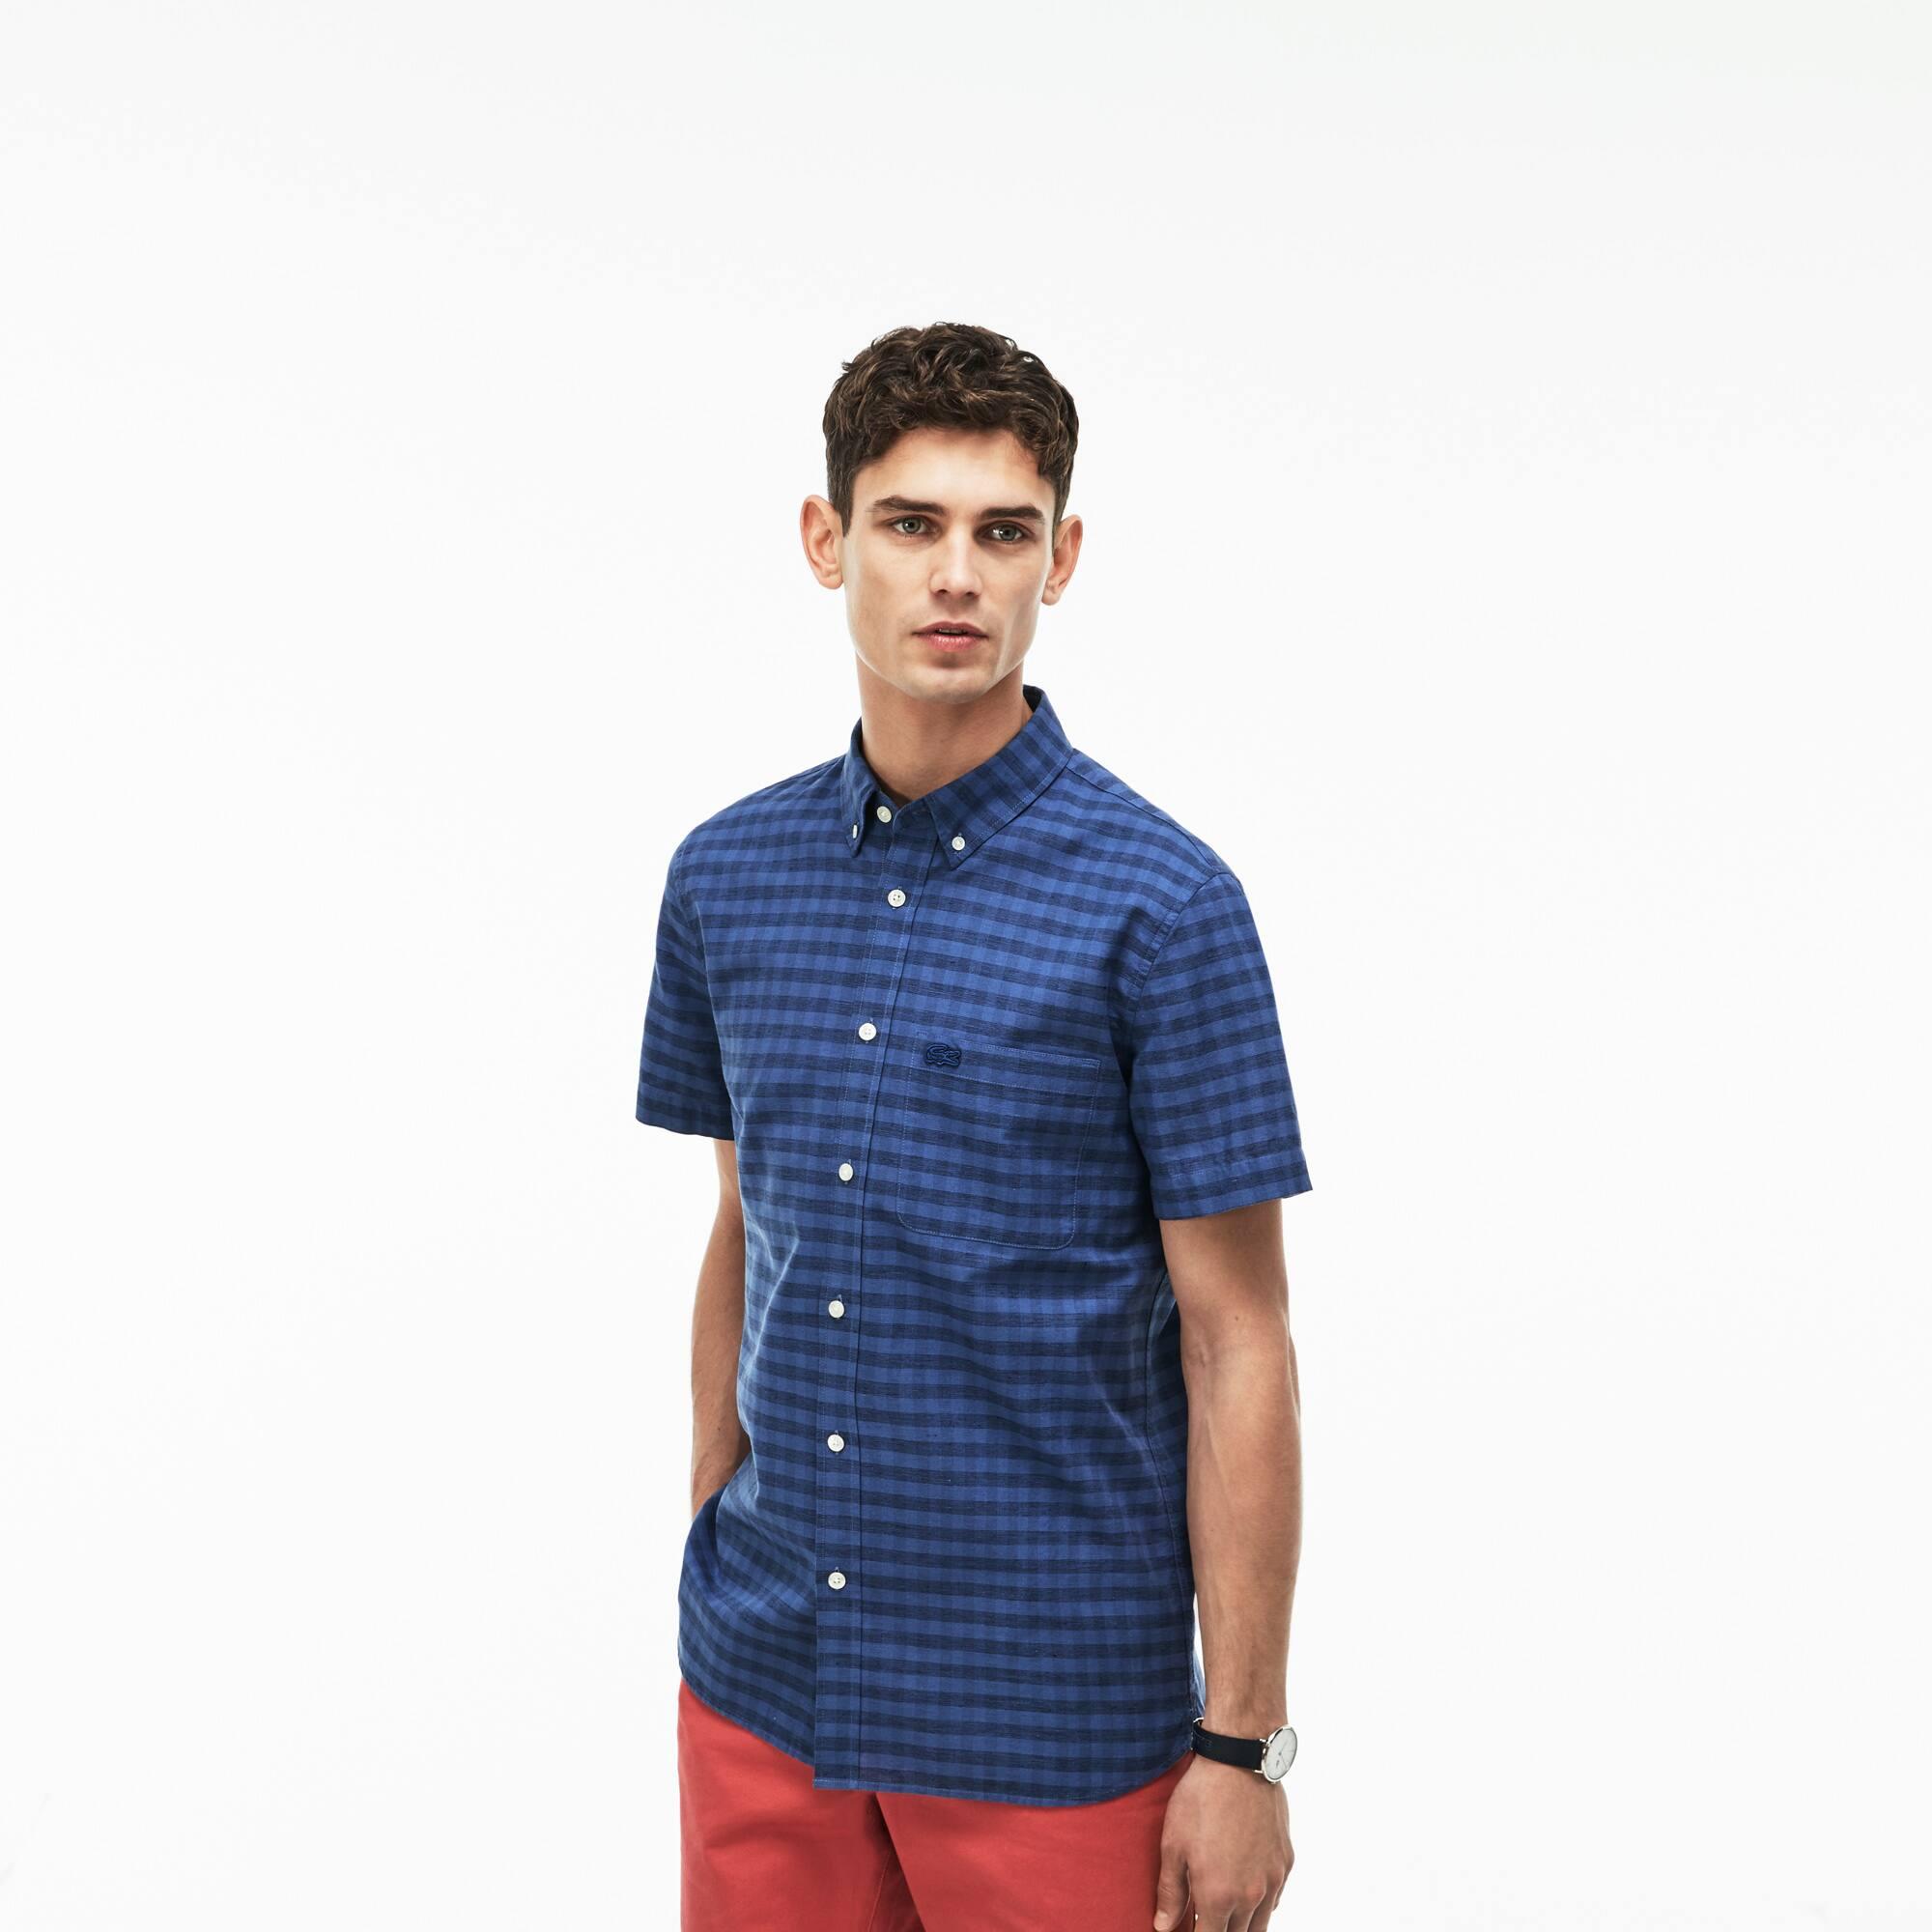 Camisas de manga curta - Masculinas  a10a18e7e00